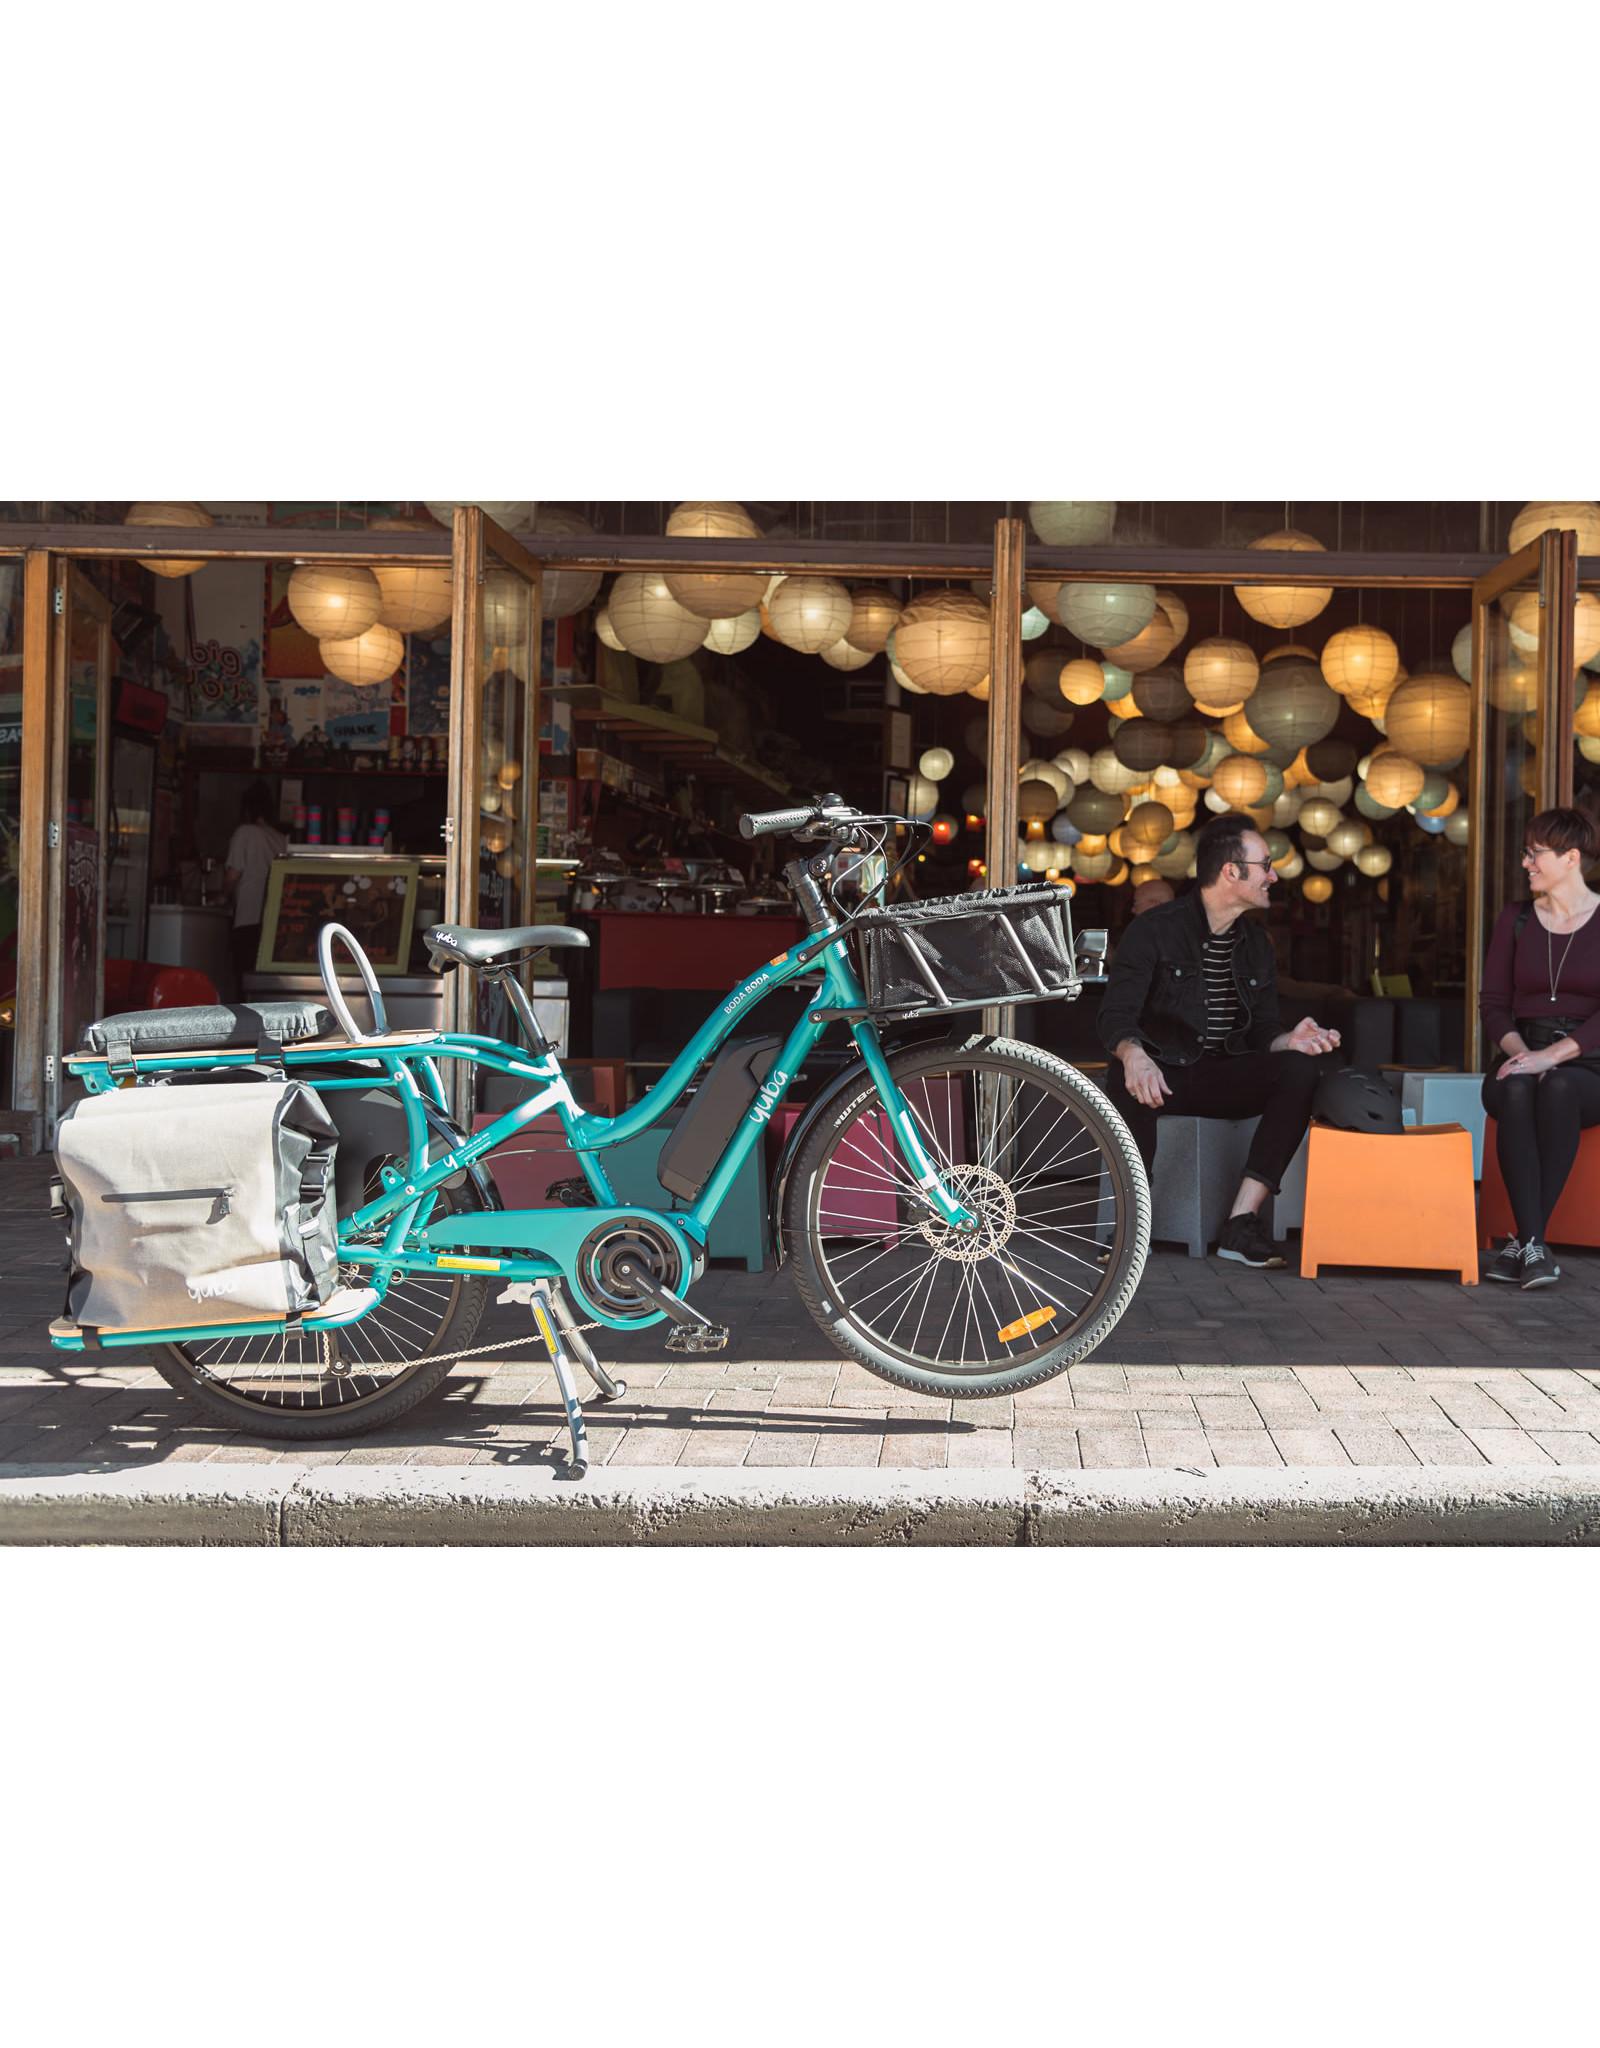 YUBA YUBA Electric Boda Shimano ST Aqua E6100 ELECTRIC CARGO BIKE